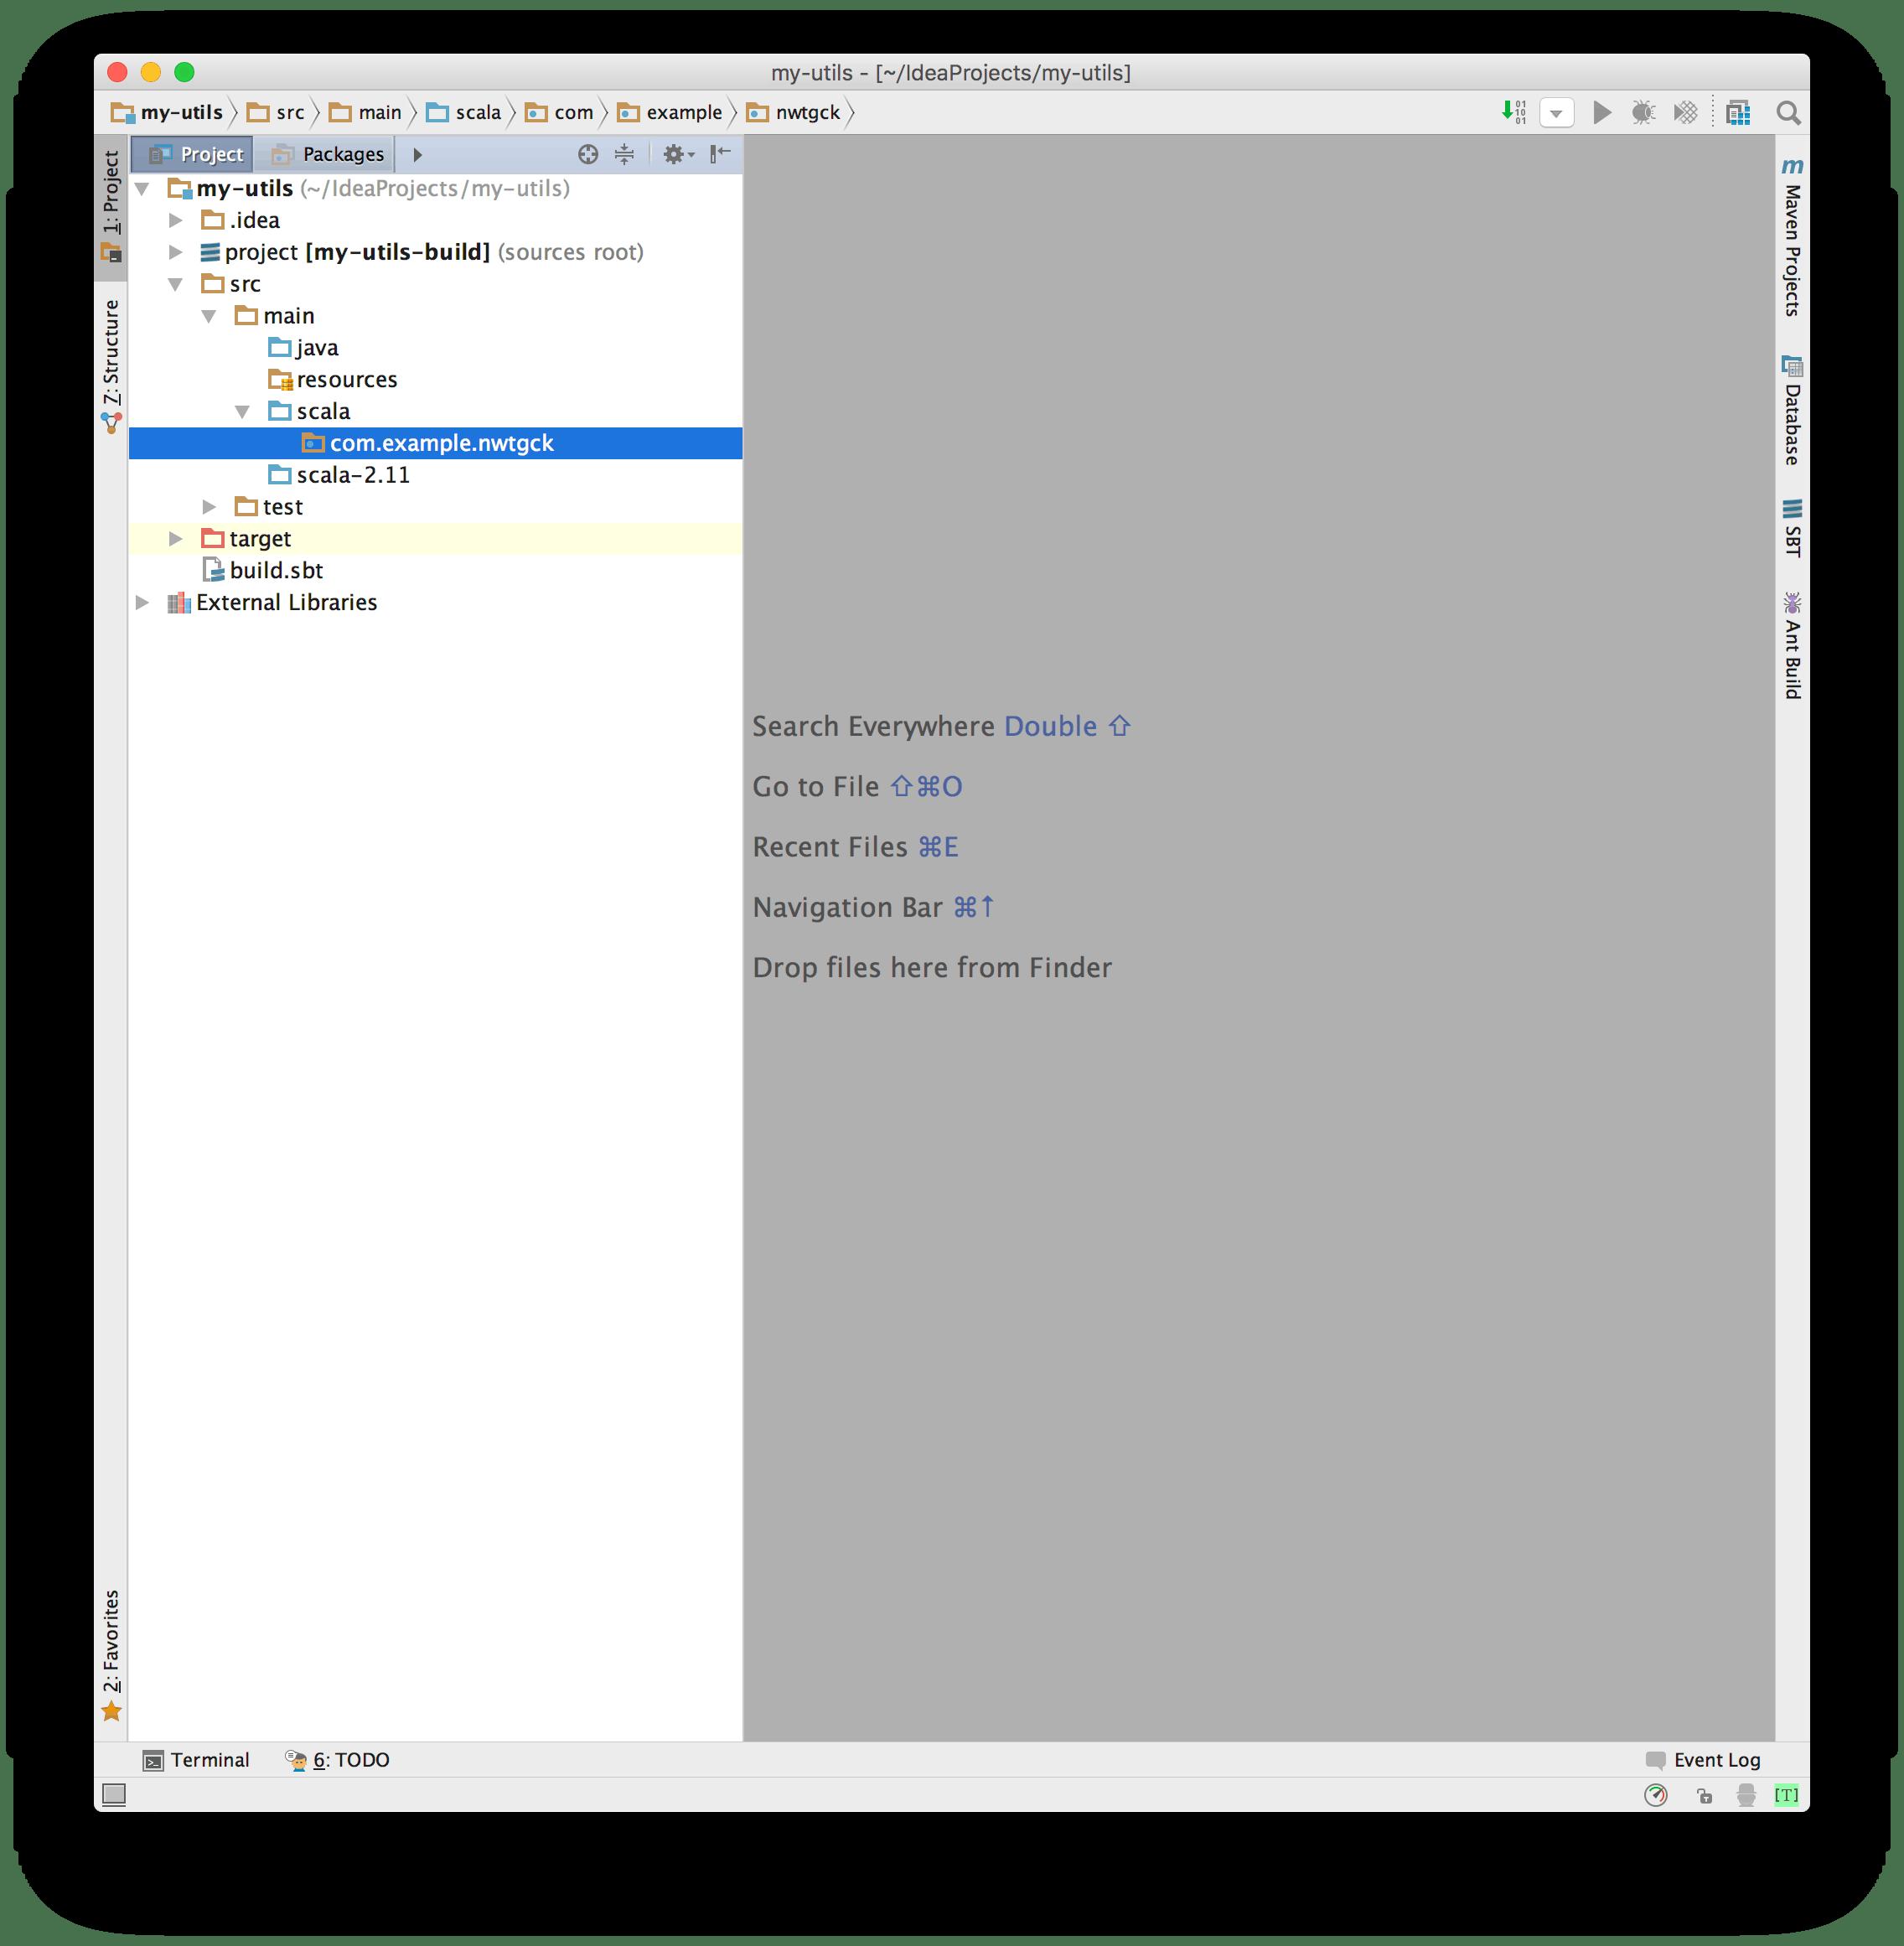 SBTで自作のライブラリを作って、IntelliJで取り込む - Qiita